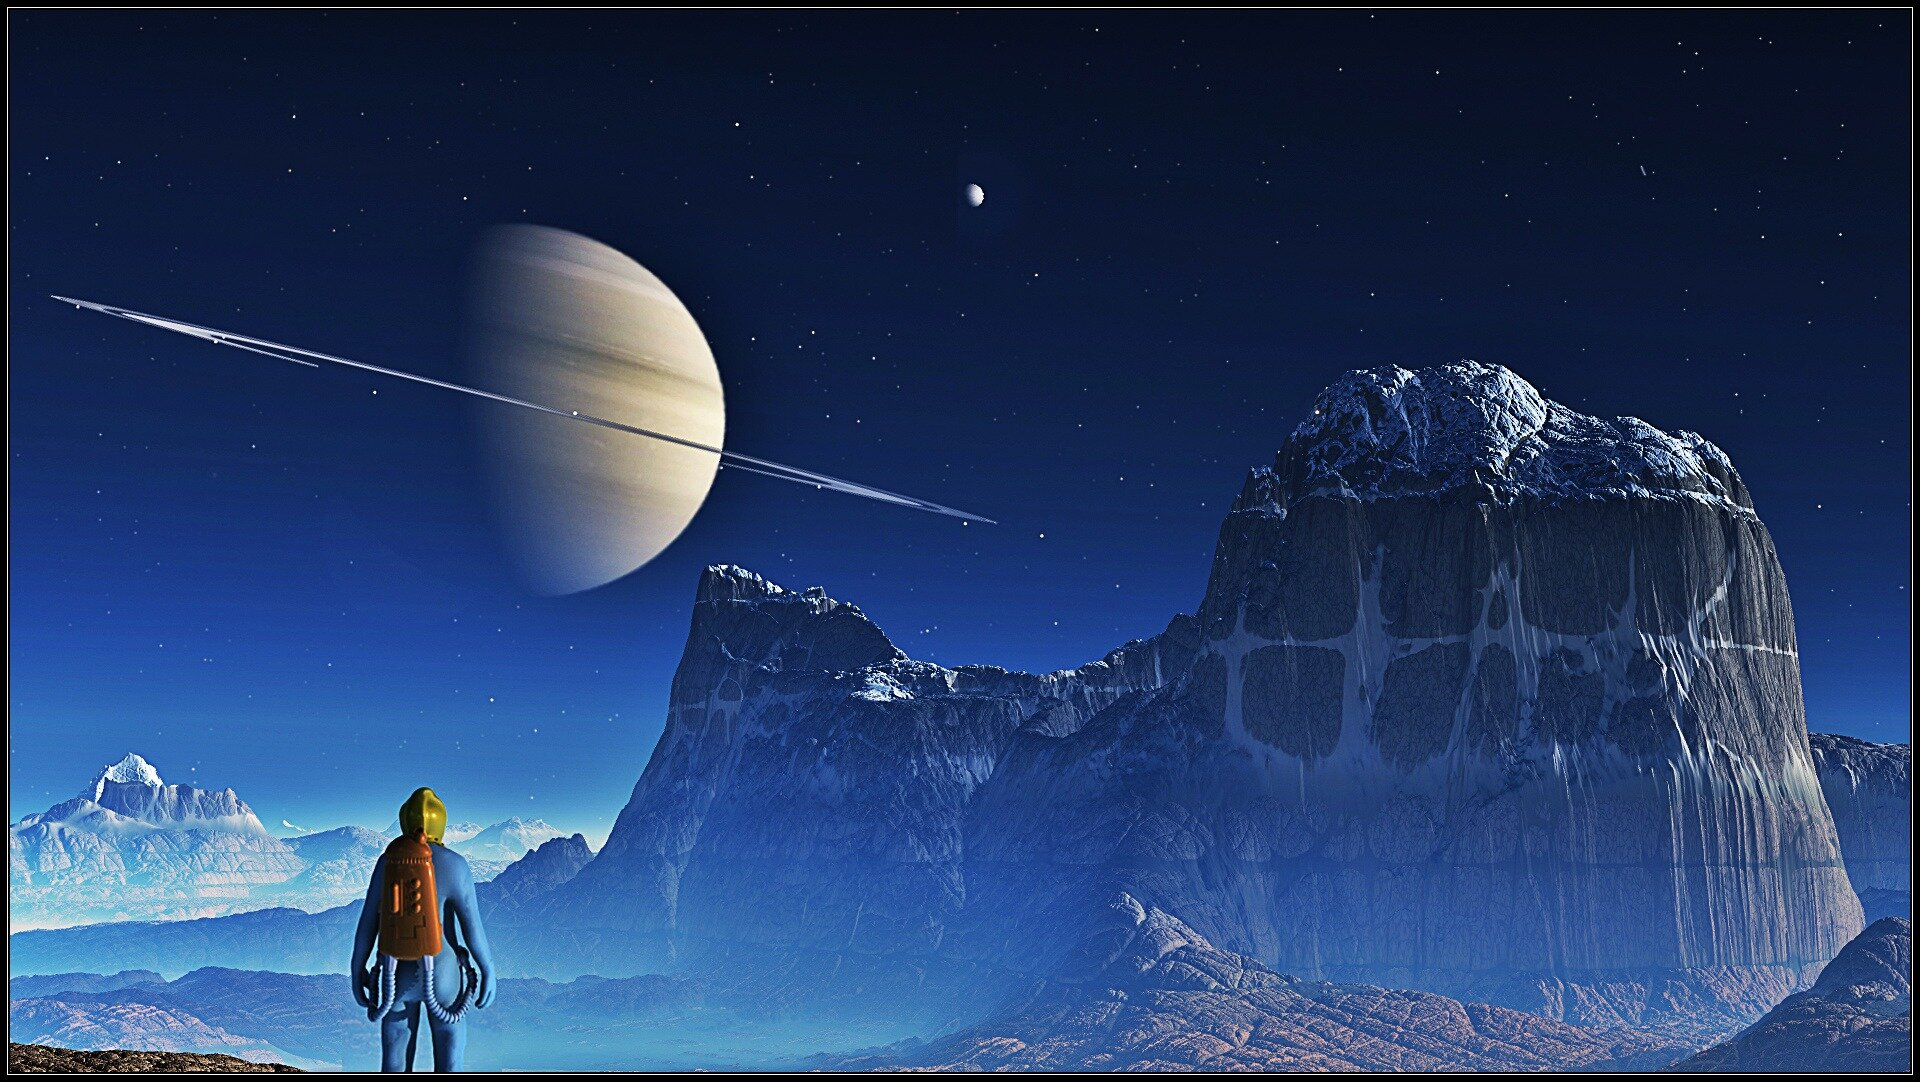 Planety Źródło: www.pixabay.com, domena publiczna.